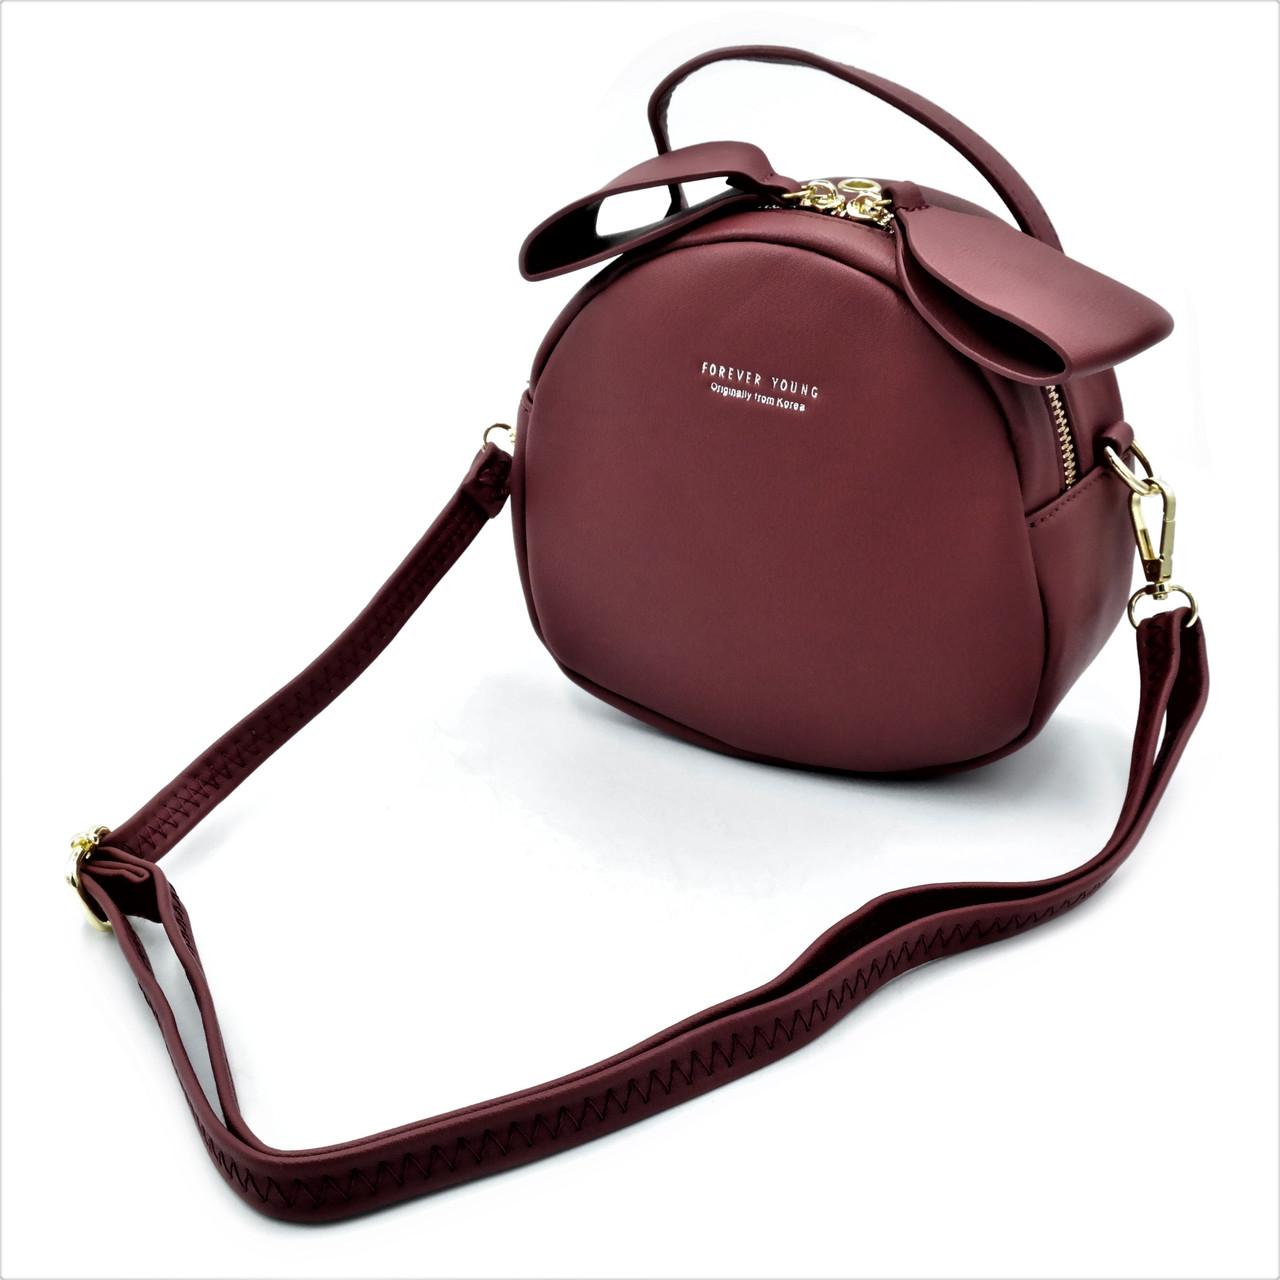 Женская сумка-кошелек цвет красный Качественная женская сумка из экокожи Сумка для женщин через плечо